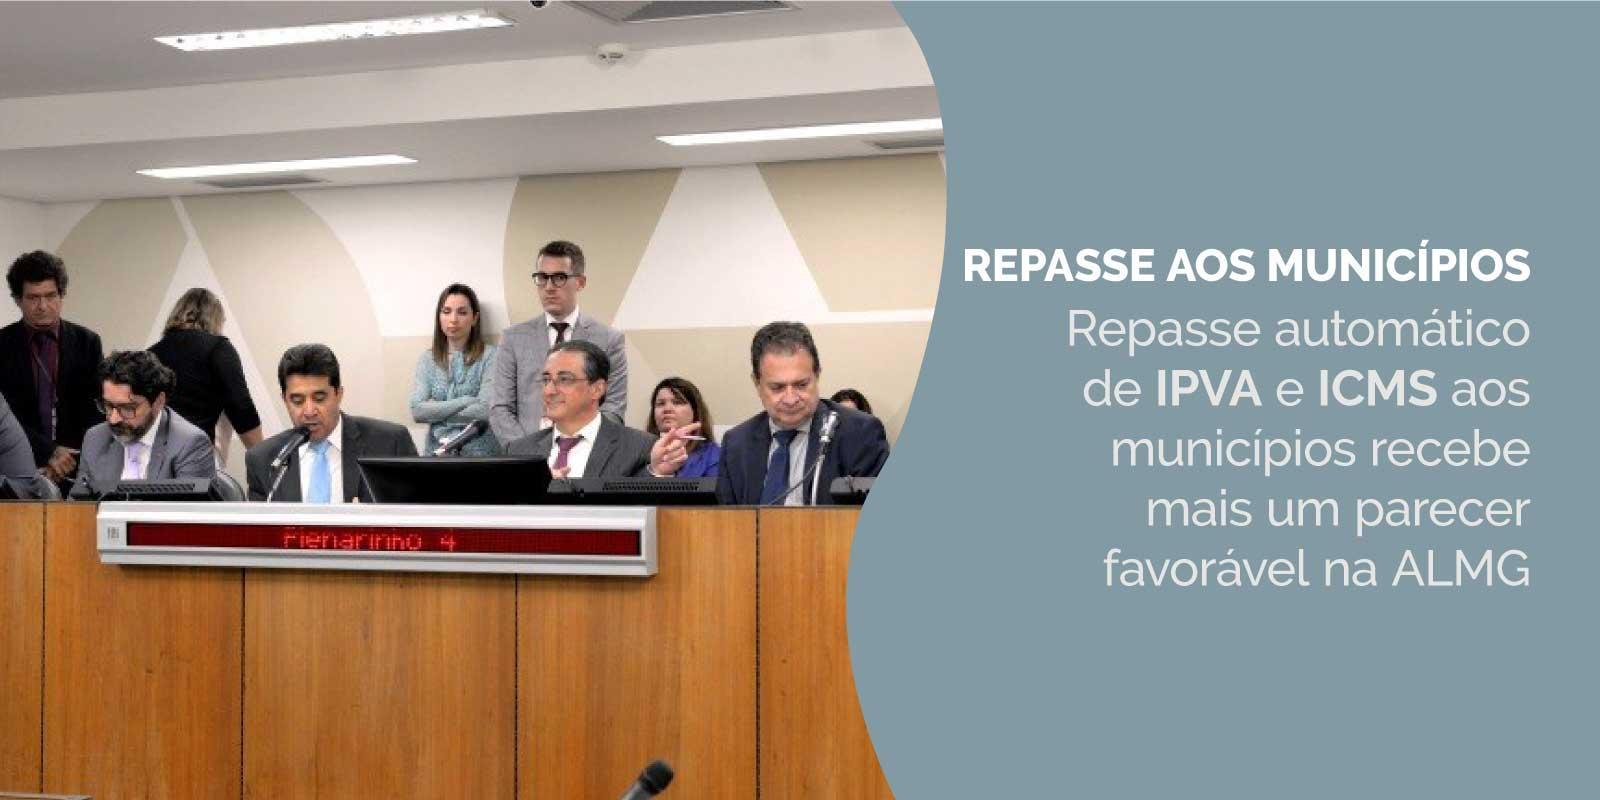 Repasse automático de IPVA e ICMS aos municípios recebe mais um parecer favorável na ALMG